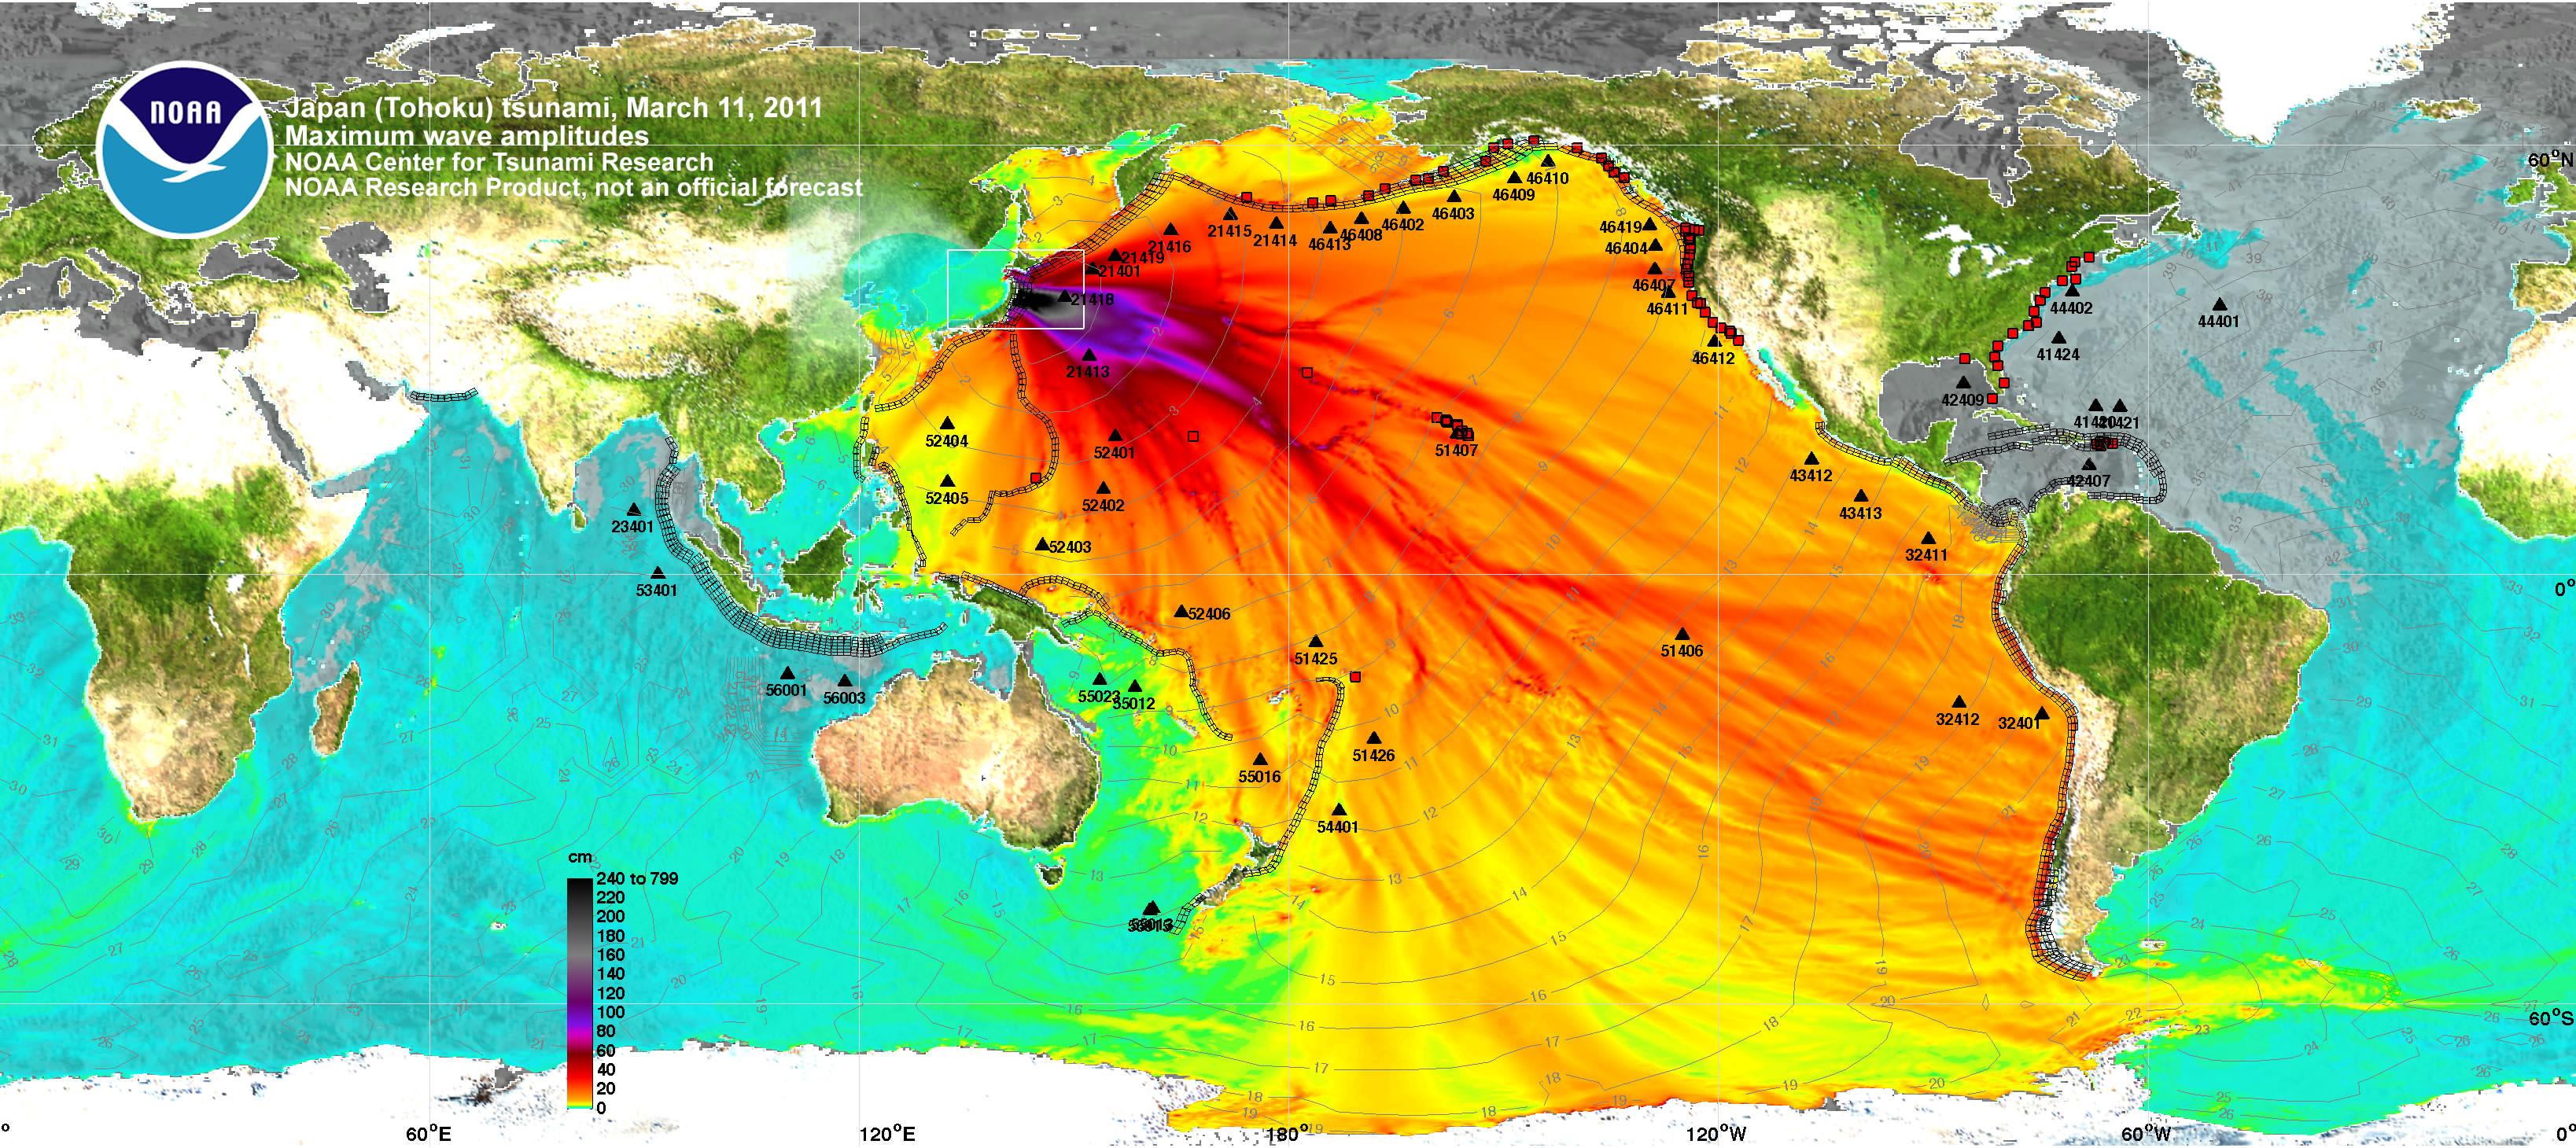 Radioaktive Strahlung Auswirkungen Auf Die Umwelt